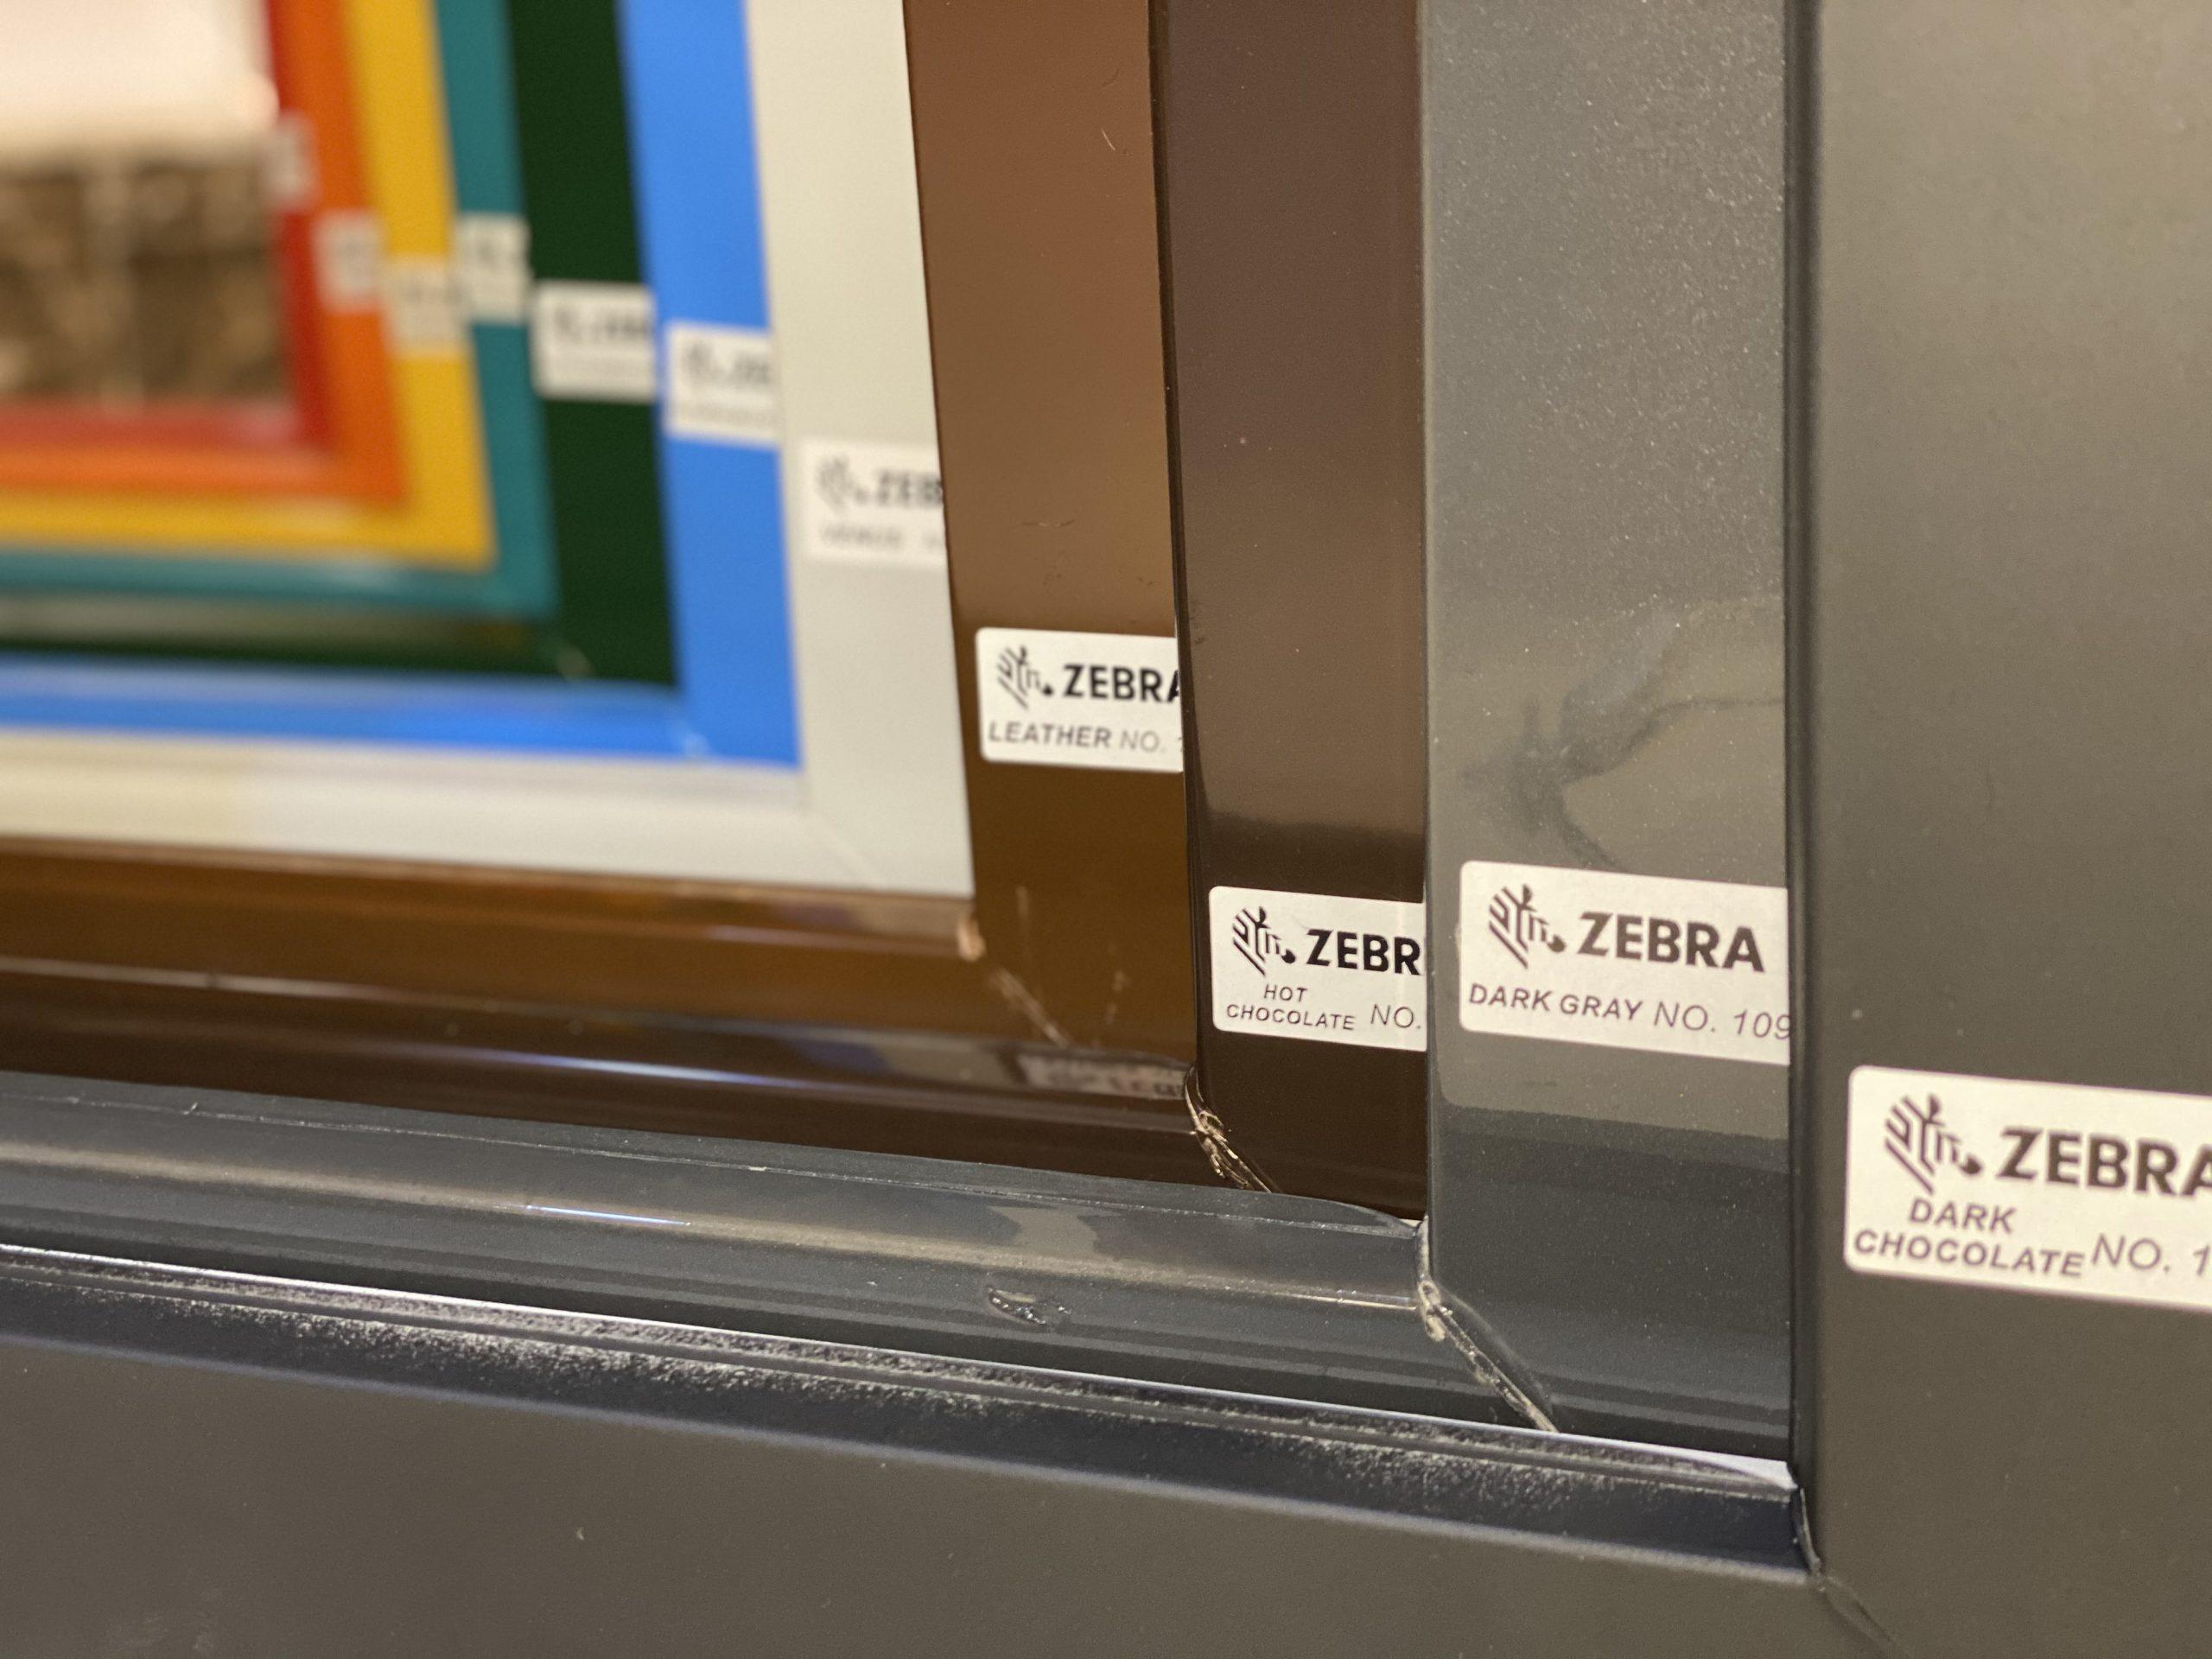 رنگ درب و پنجره پی وی سی , رنگ پنجره پی وی سی , رنگ upvc , رنگ کردن پروفیل